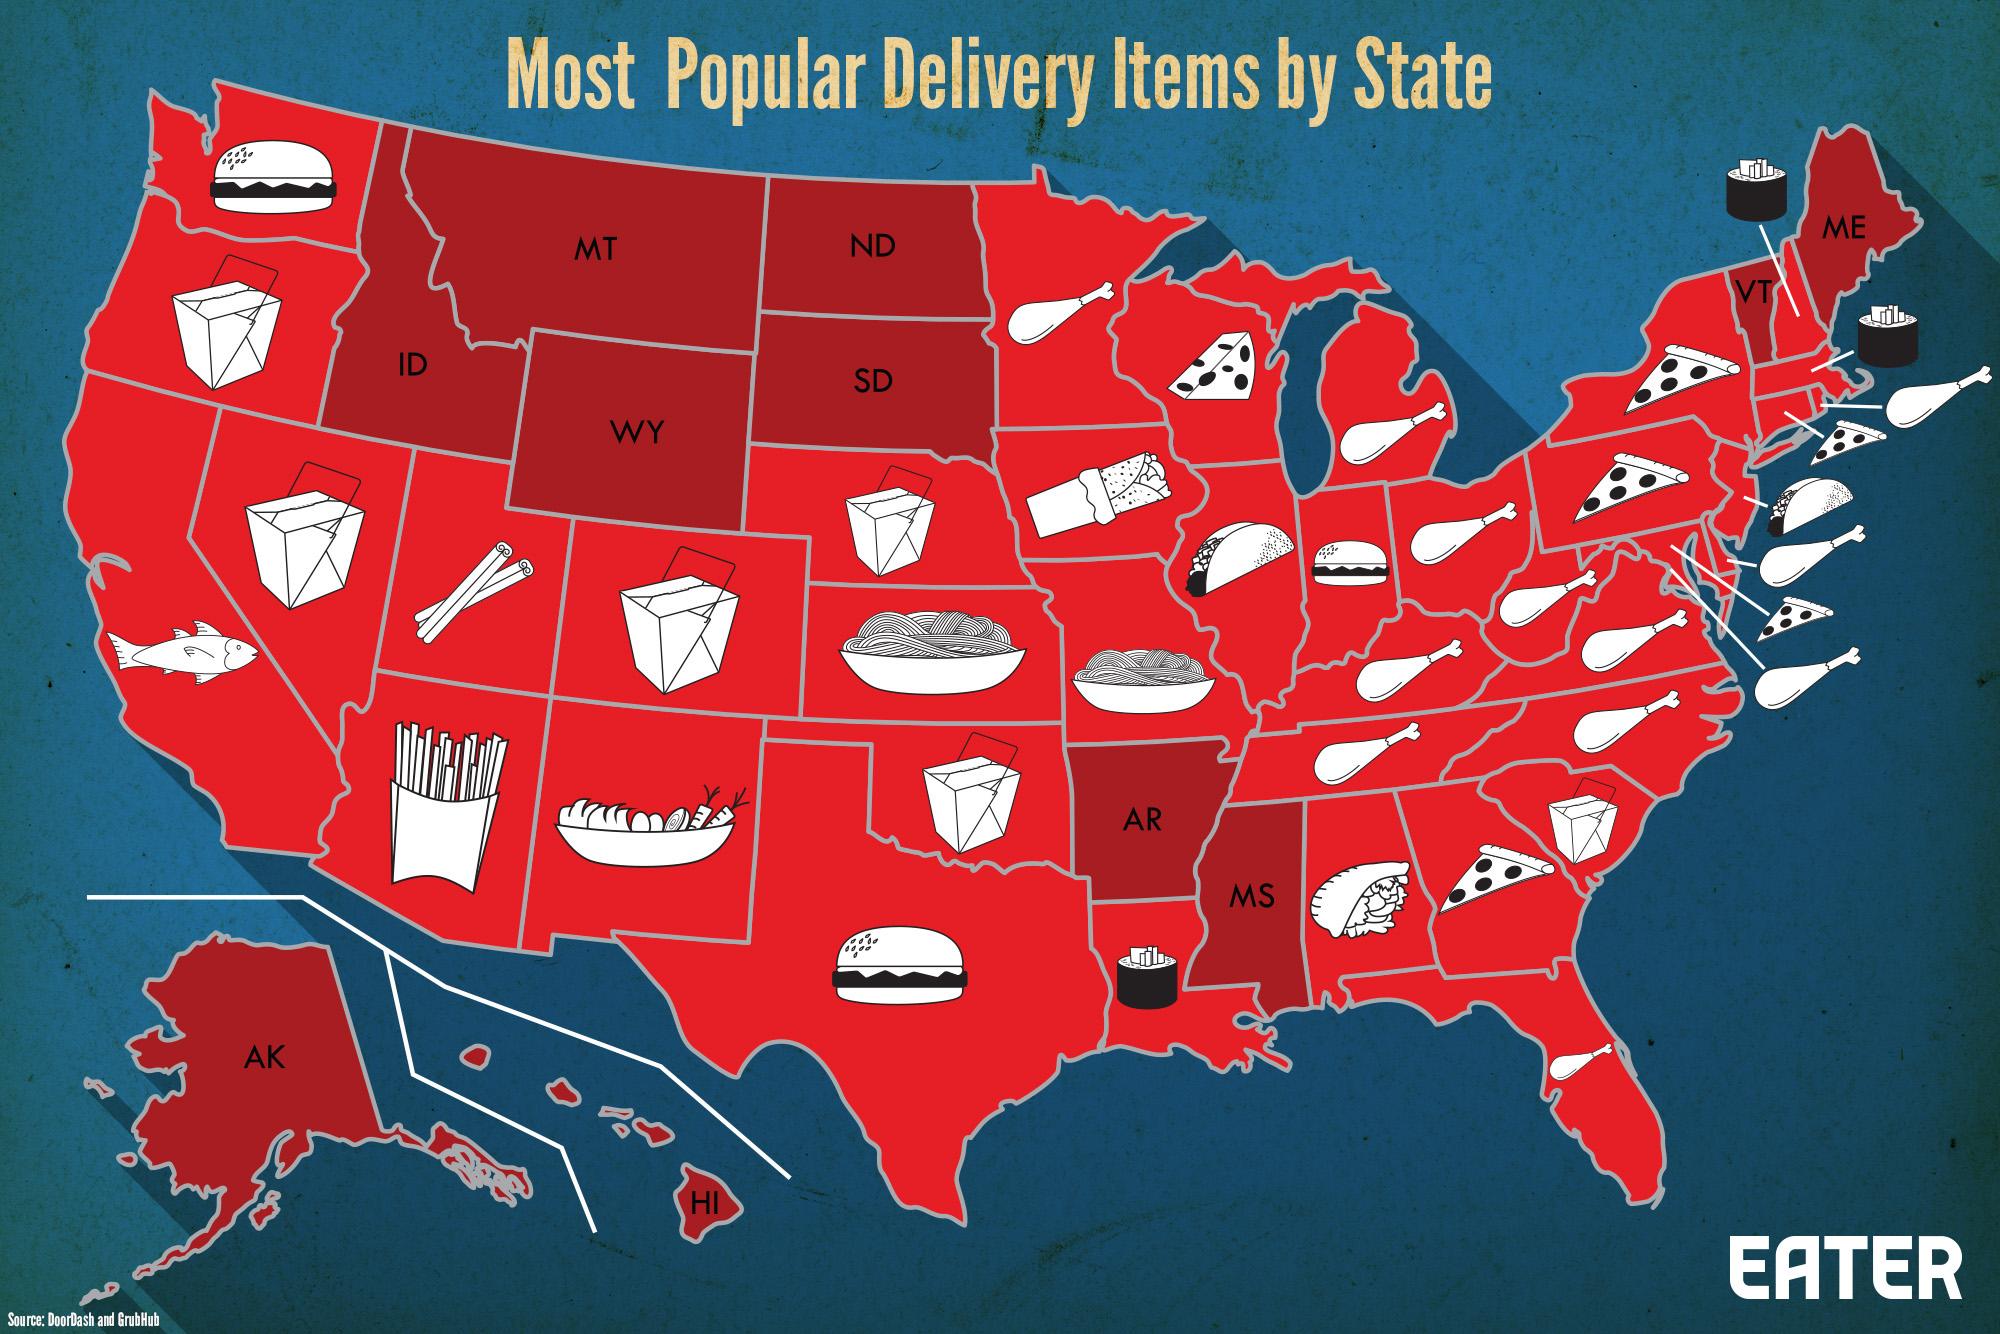 carte des produits en restauration livree aux US